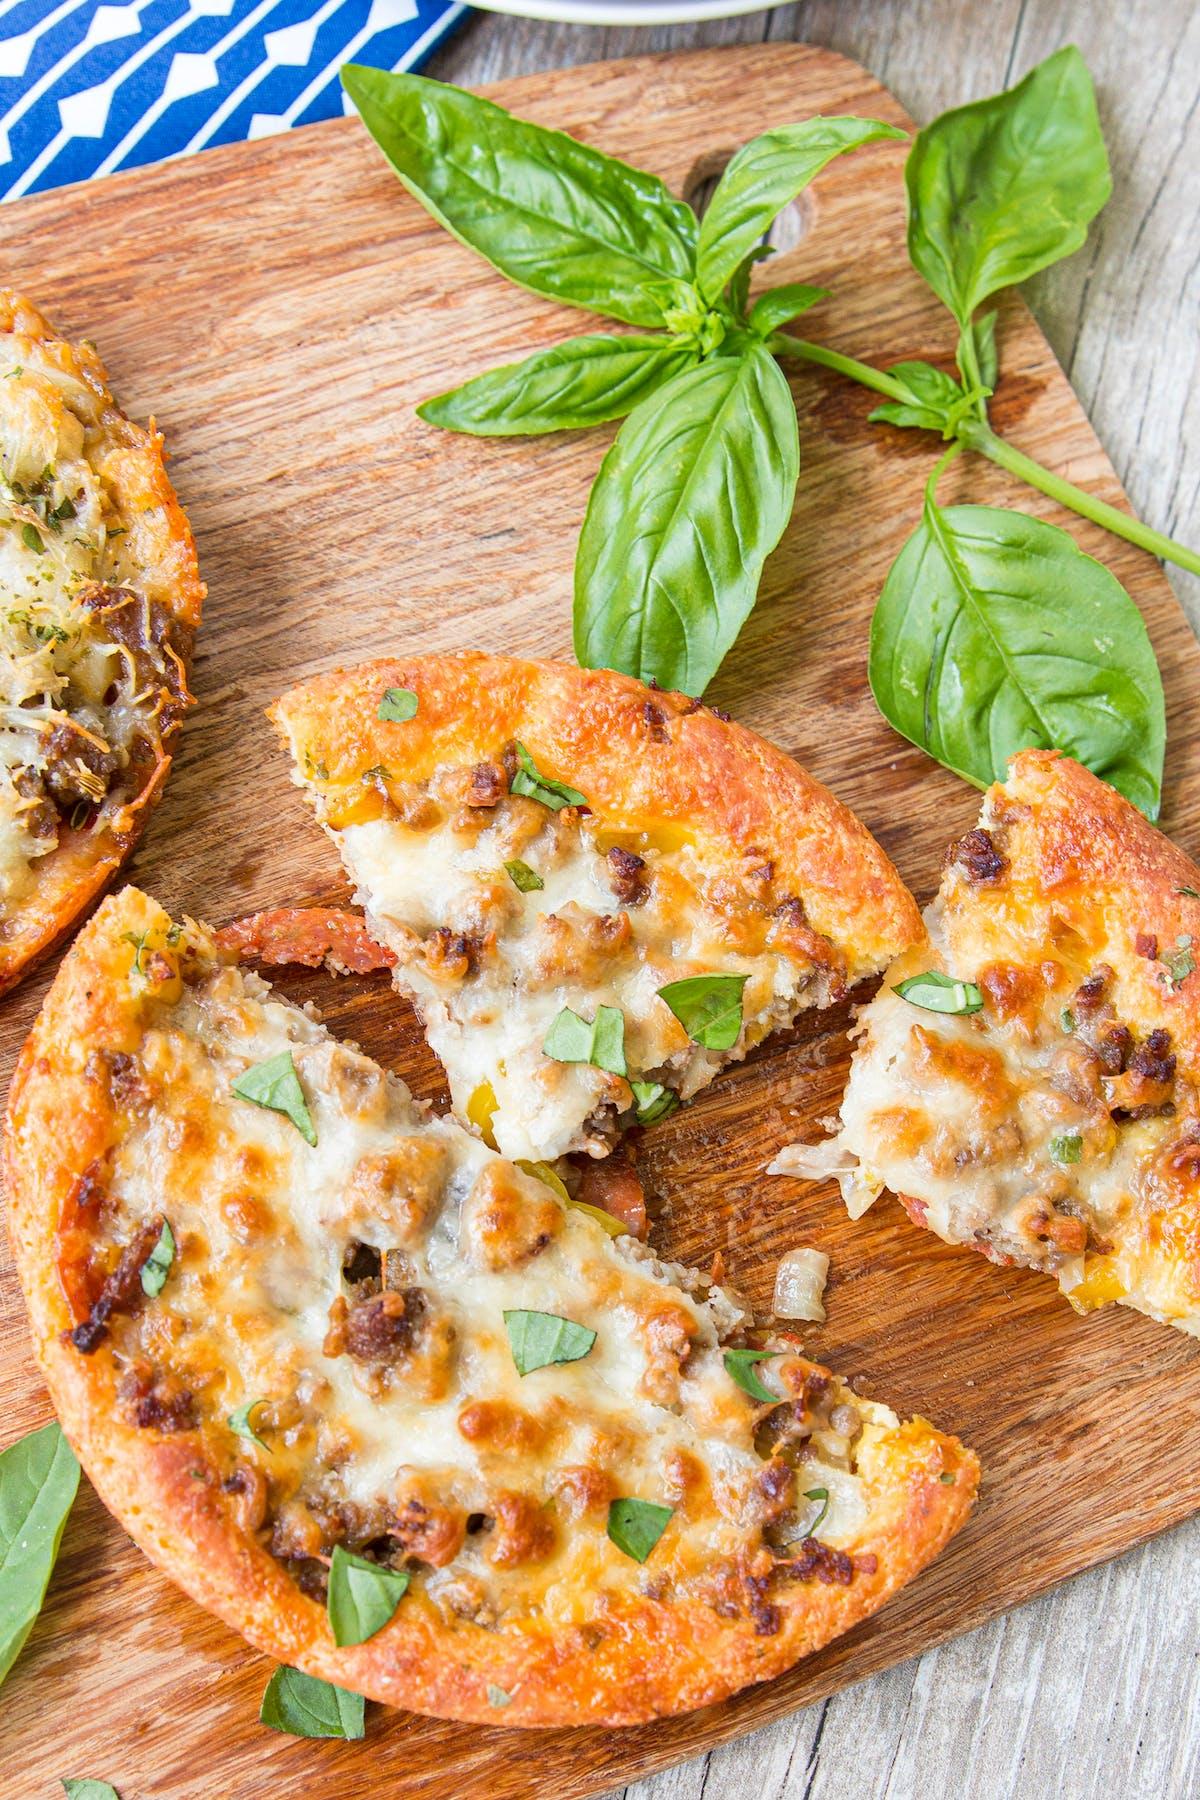 Low-carb deep dish pan pizza